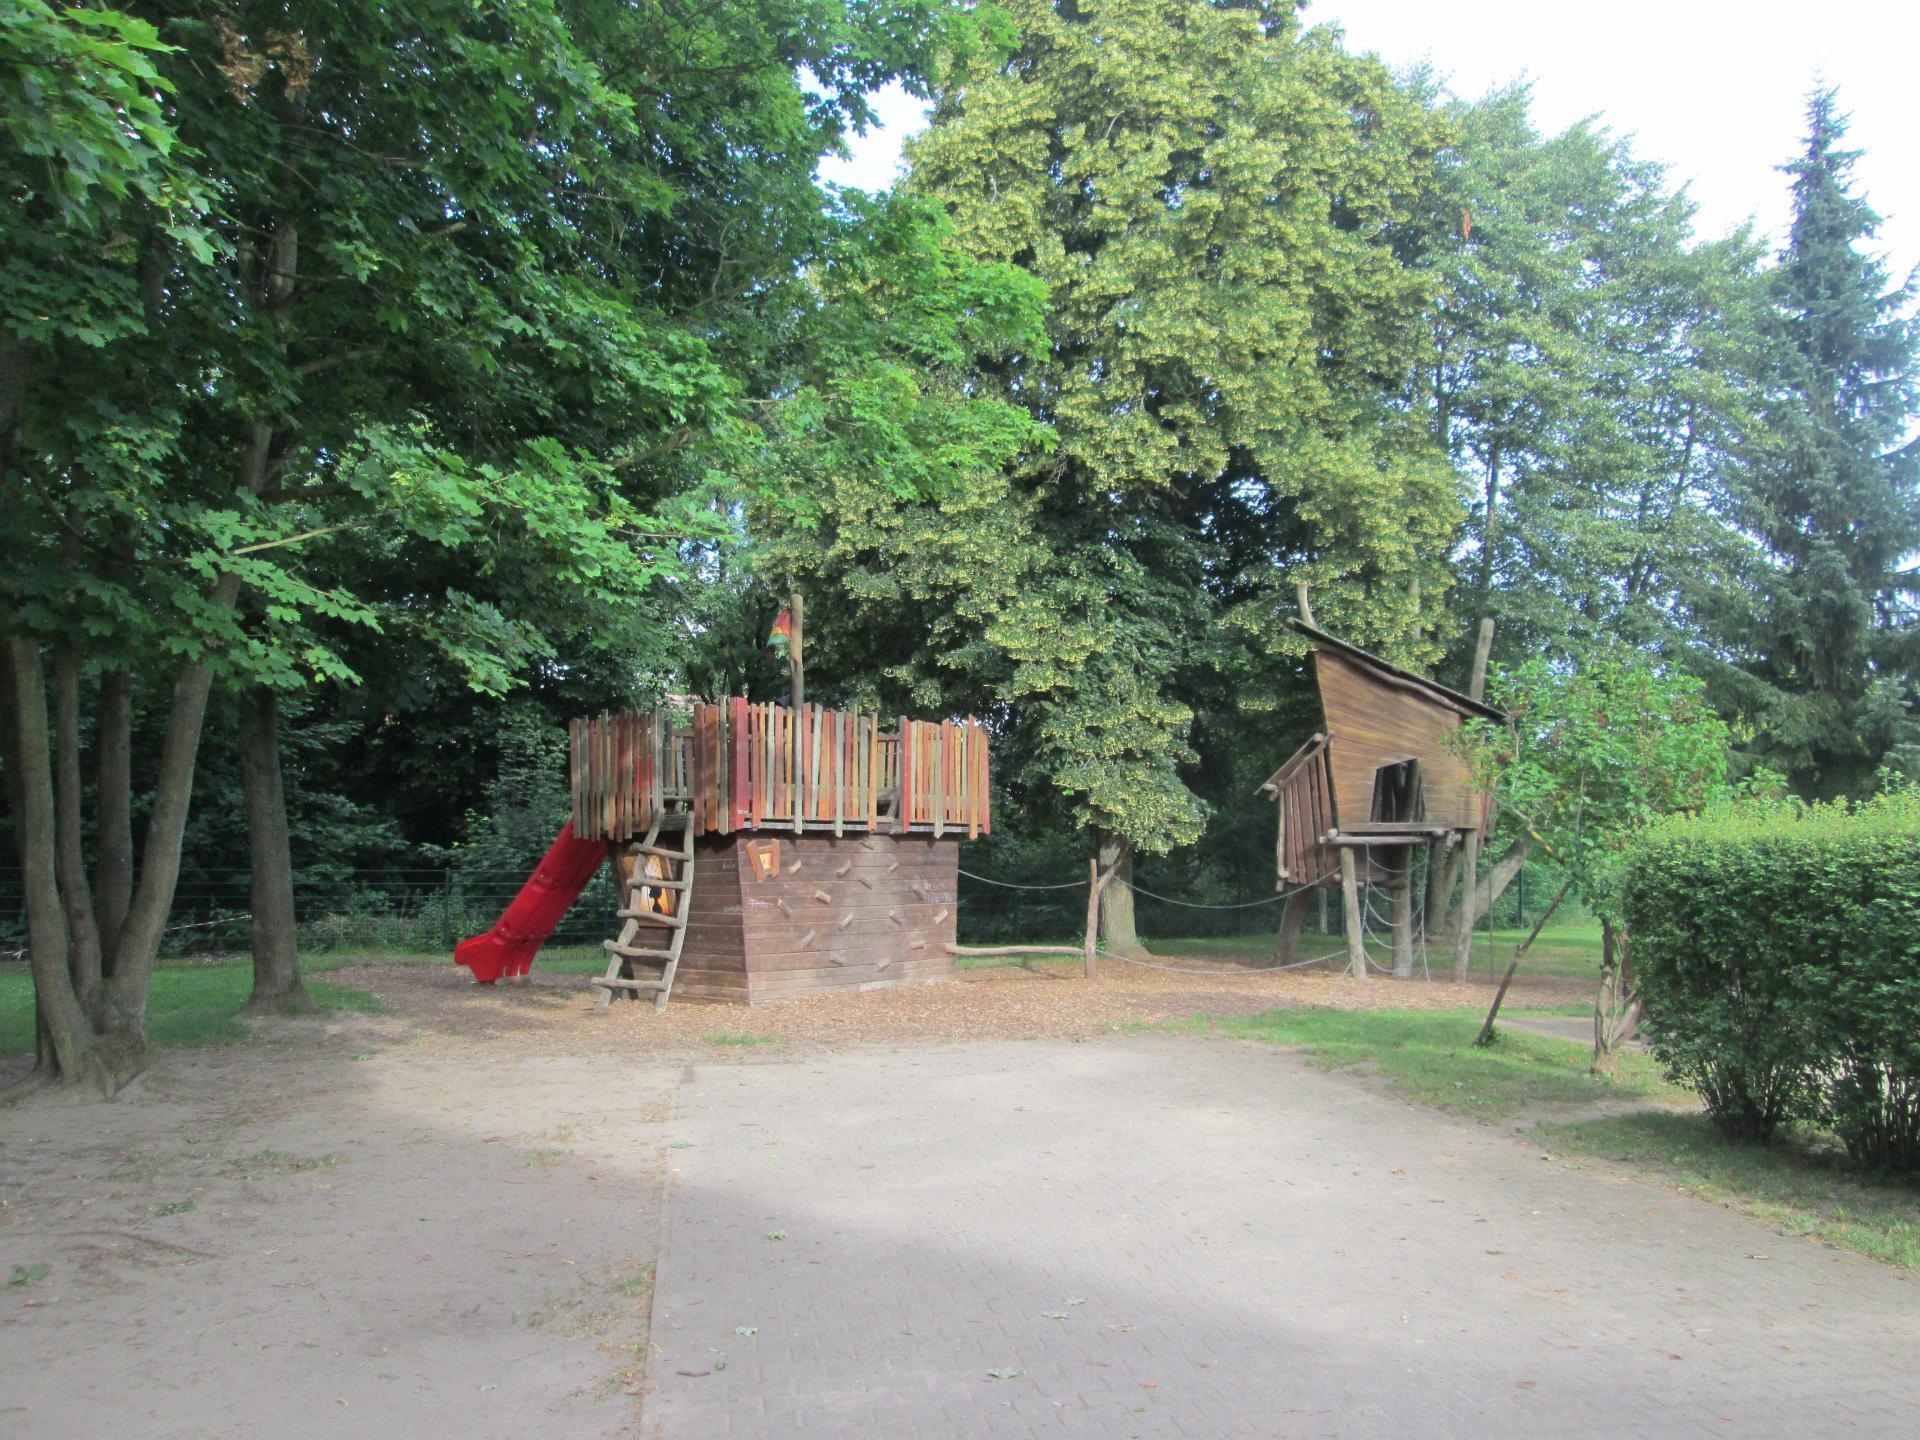 Hortspielplatz 2